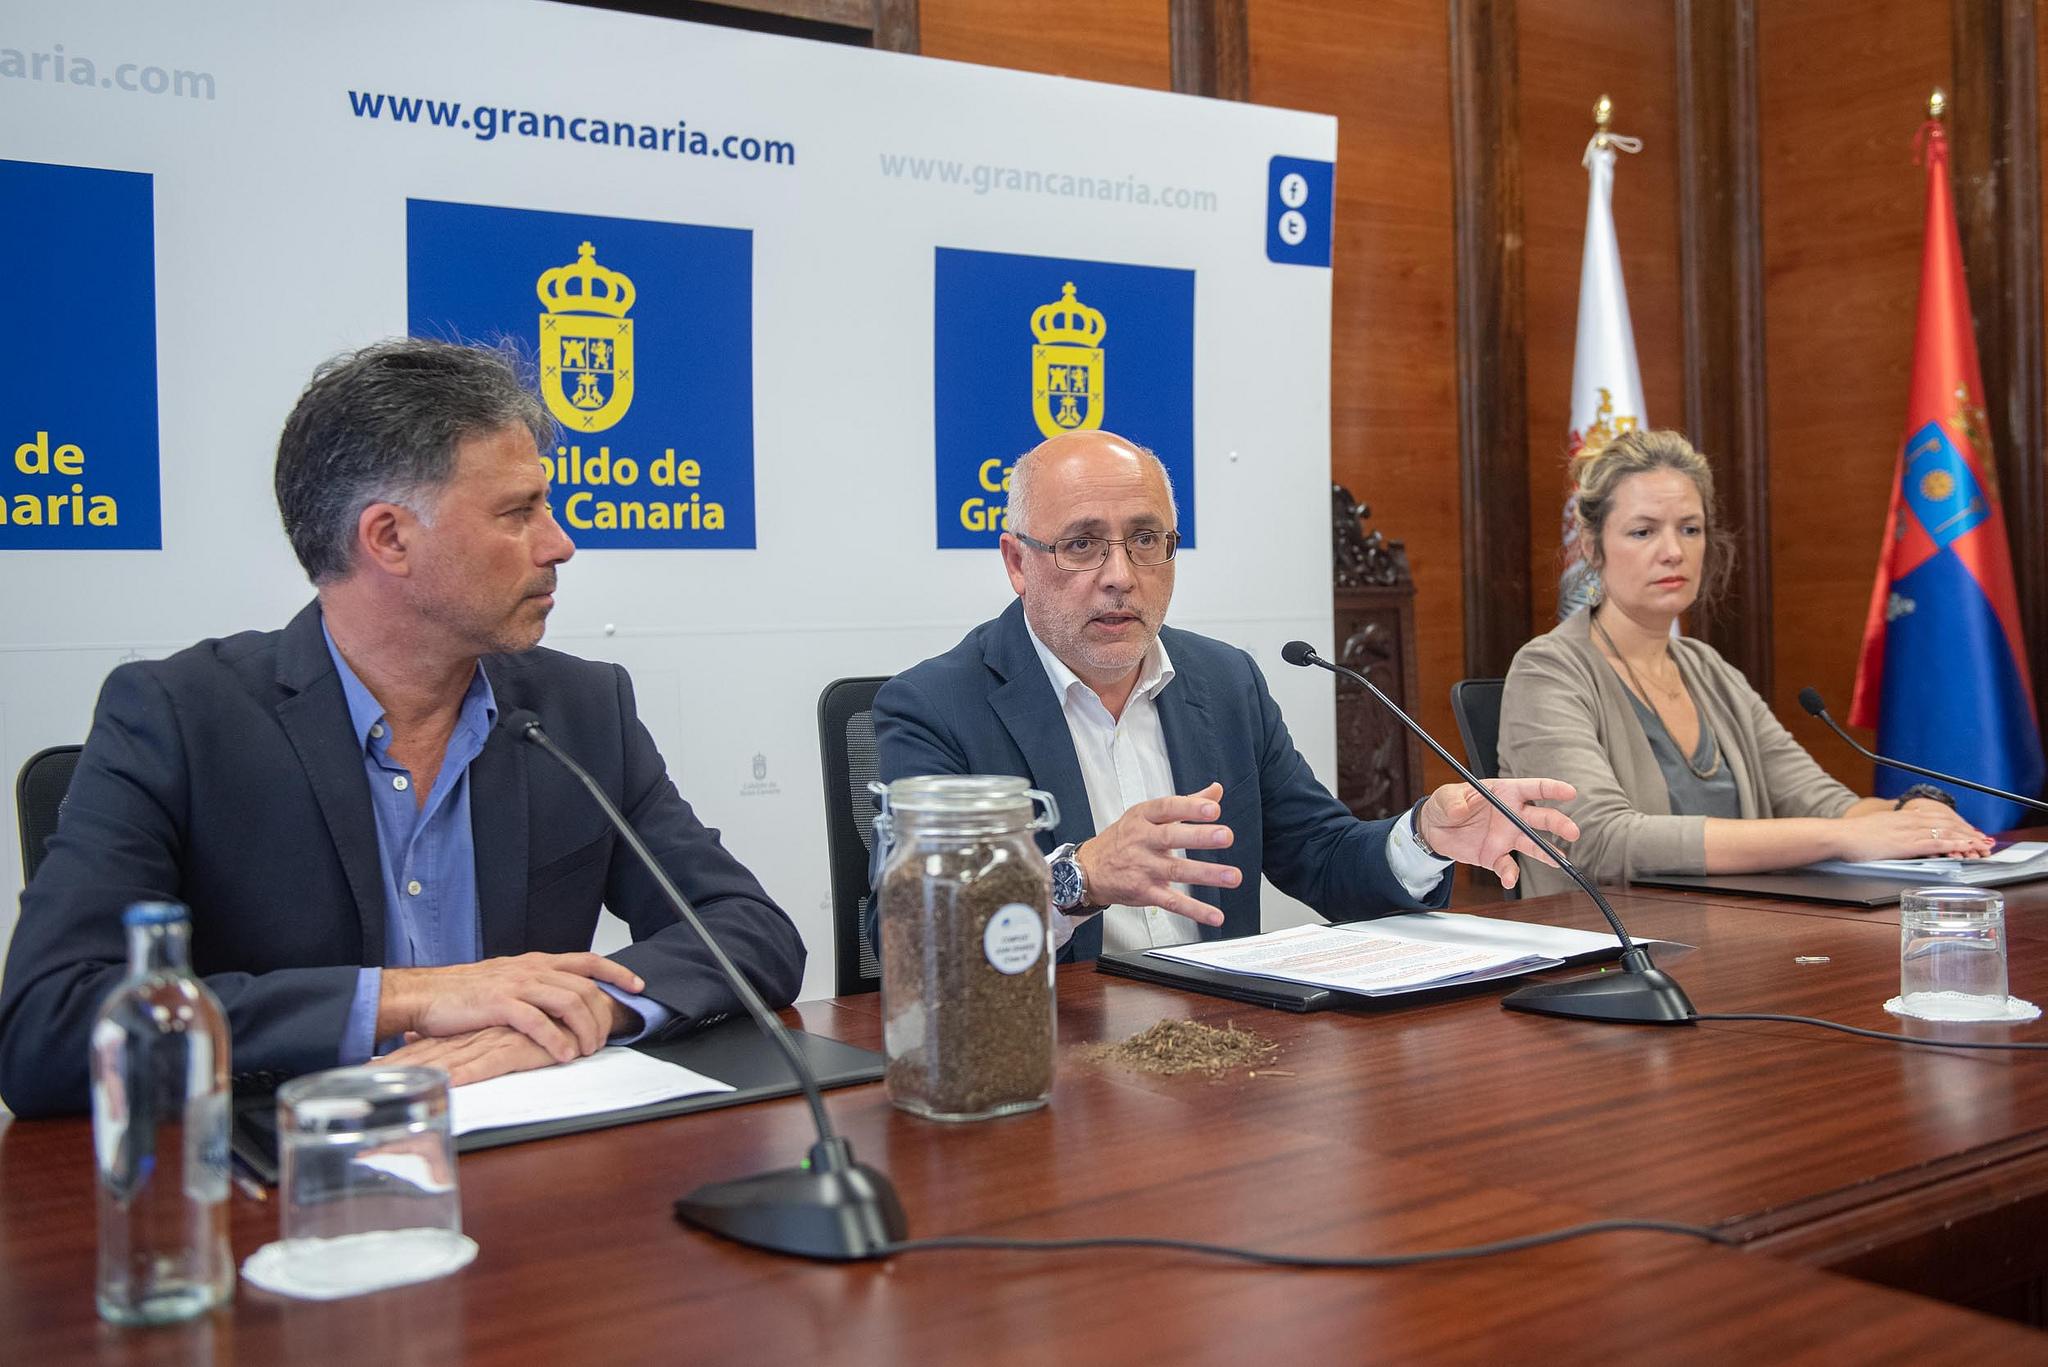 El compost orgánico producido por el Cabildo de Gran Canaria ha sido certificado por el Ministerio de Agricultura